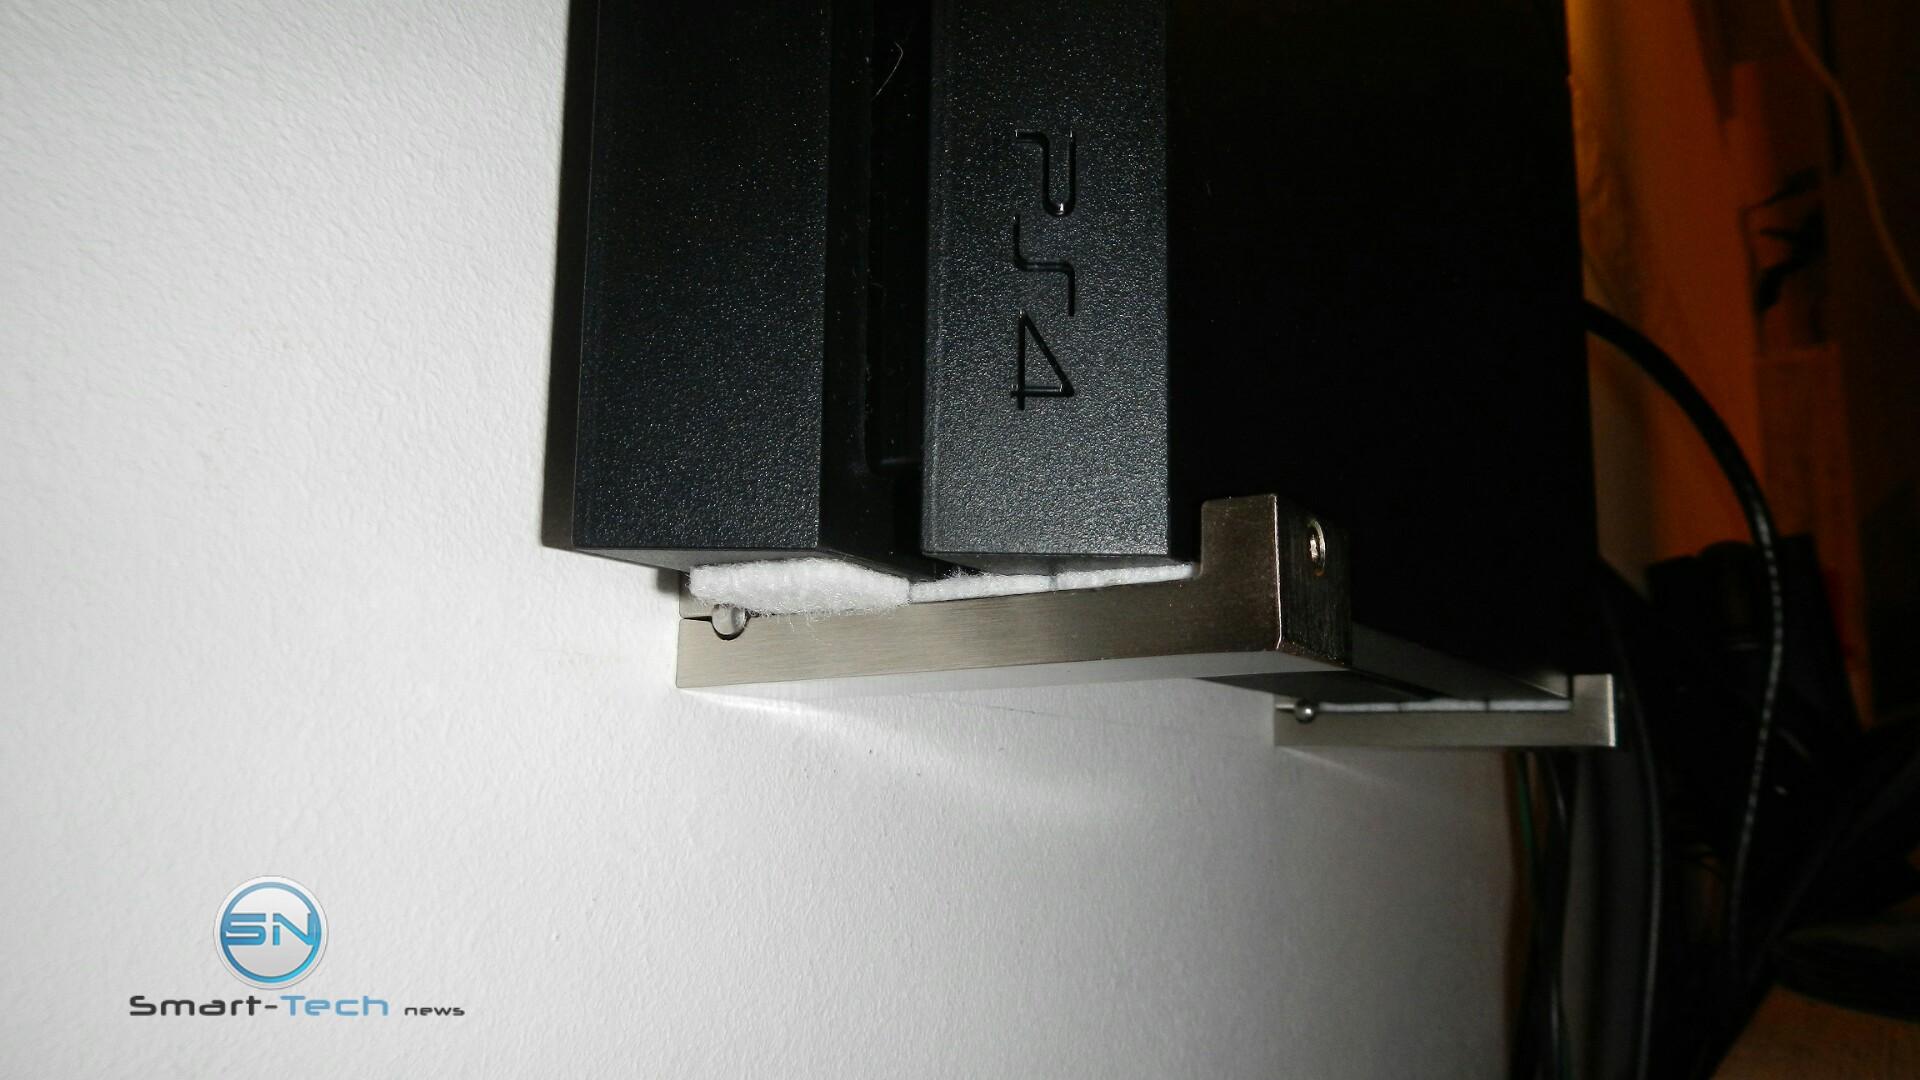 Tv wand selber bauen ikea  Playstation 4 Wandhalterung aus dem Hause IKEASmart Tech News